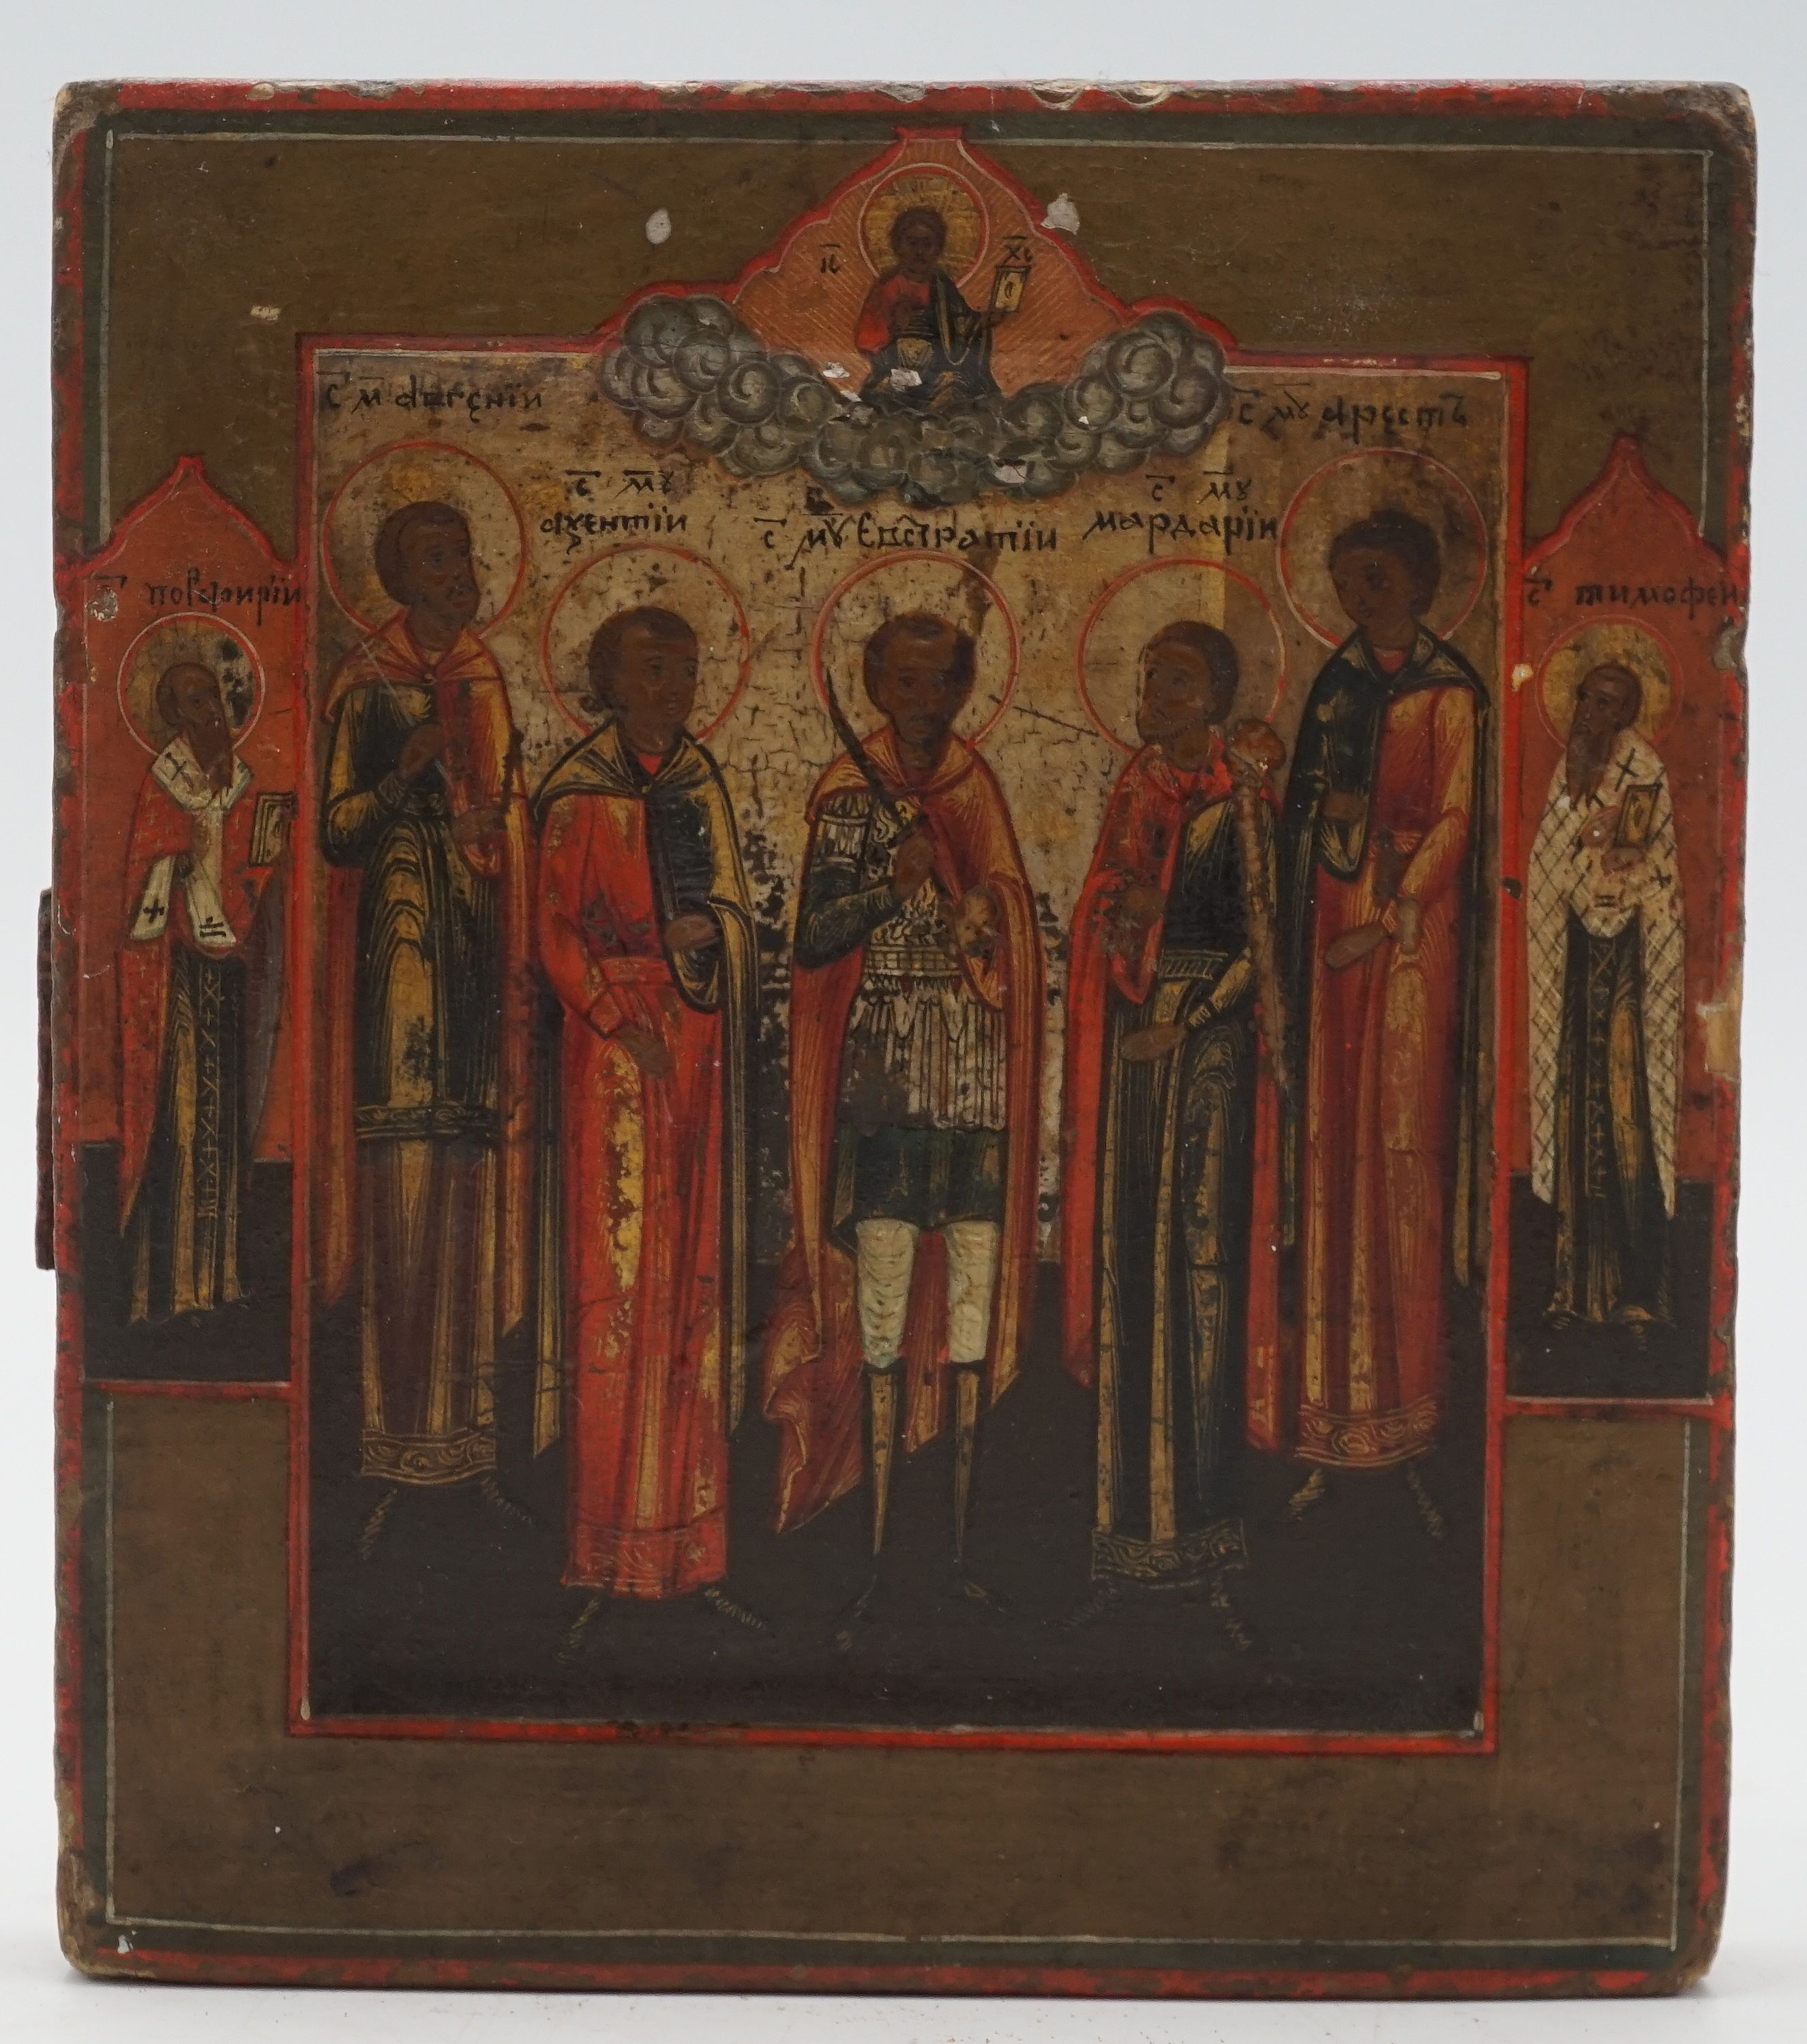 Ikone mit sieben Heiligen, Russland, 18. Jh.